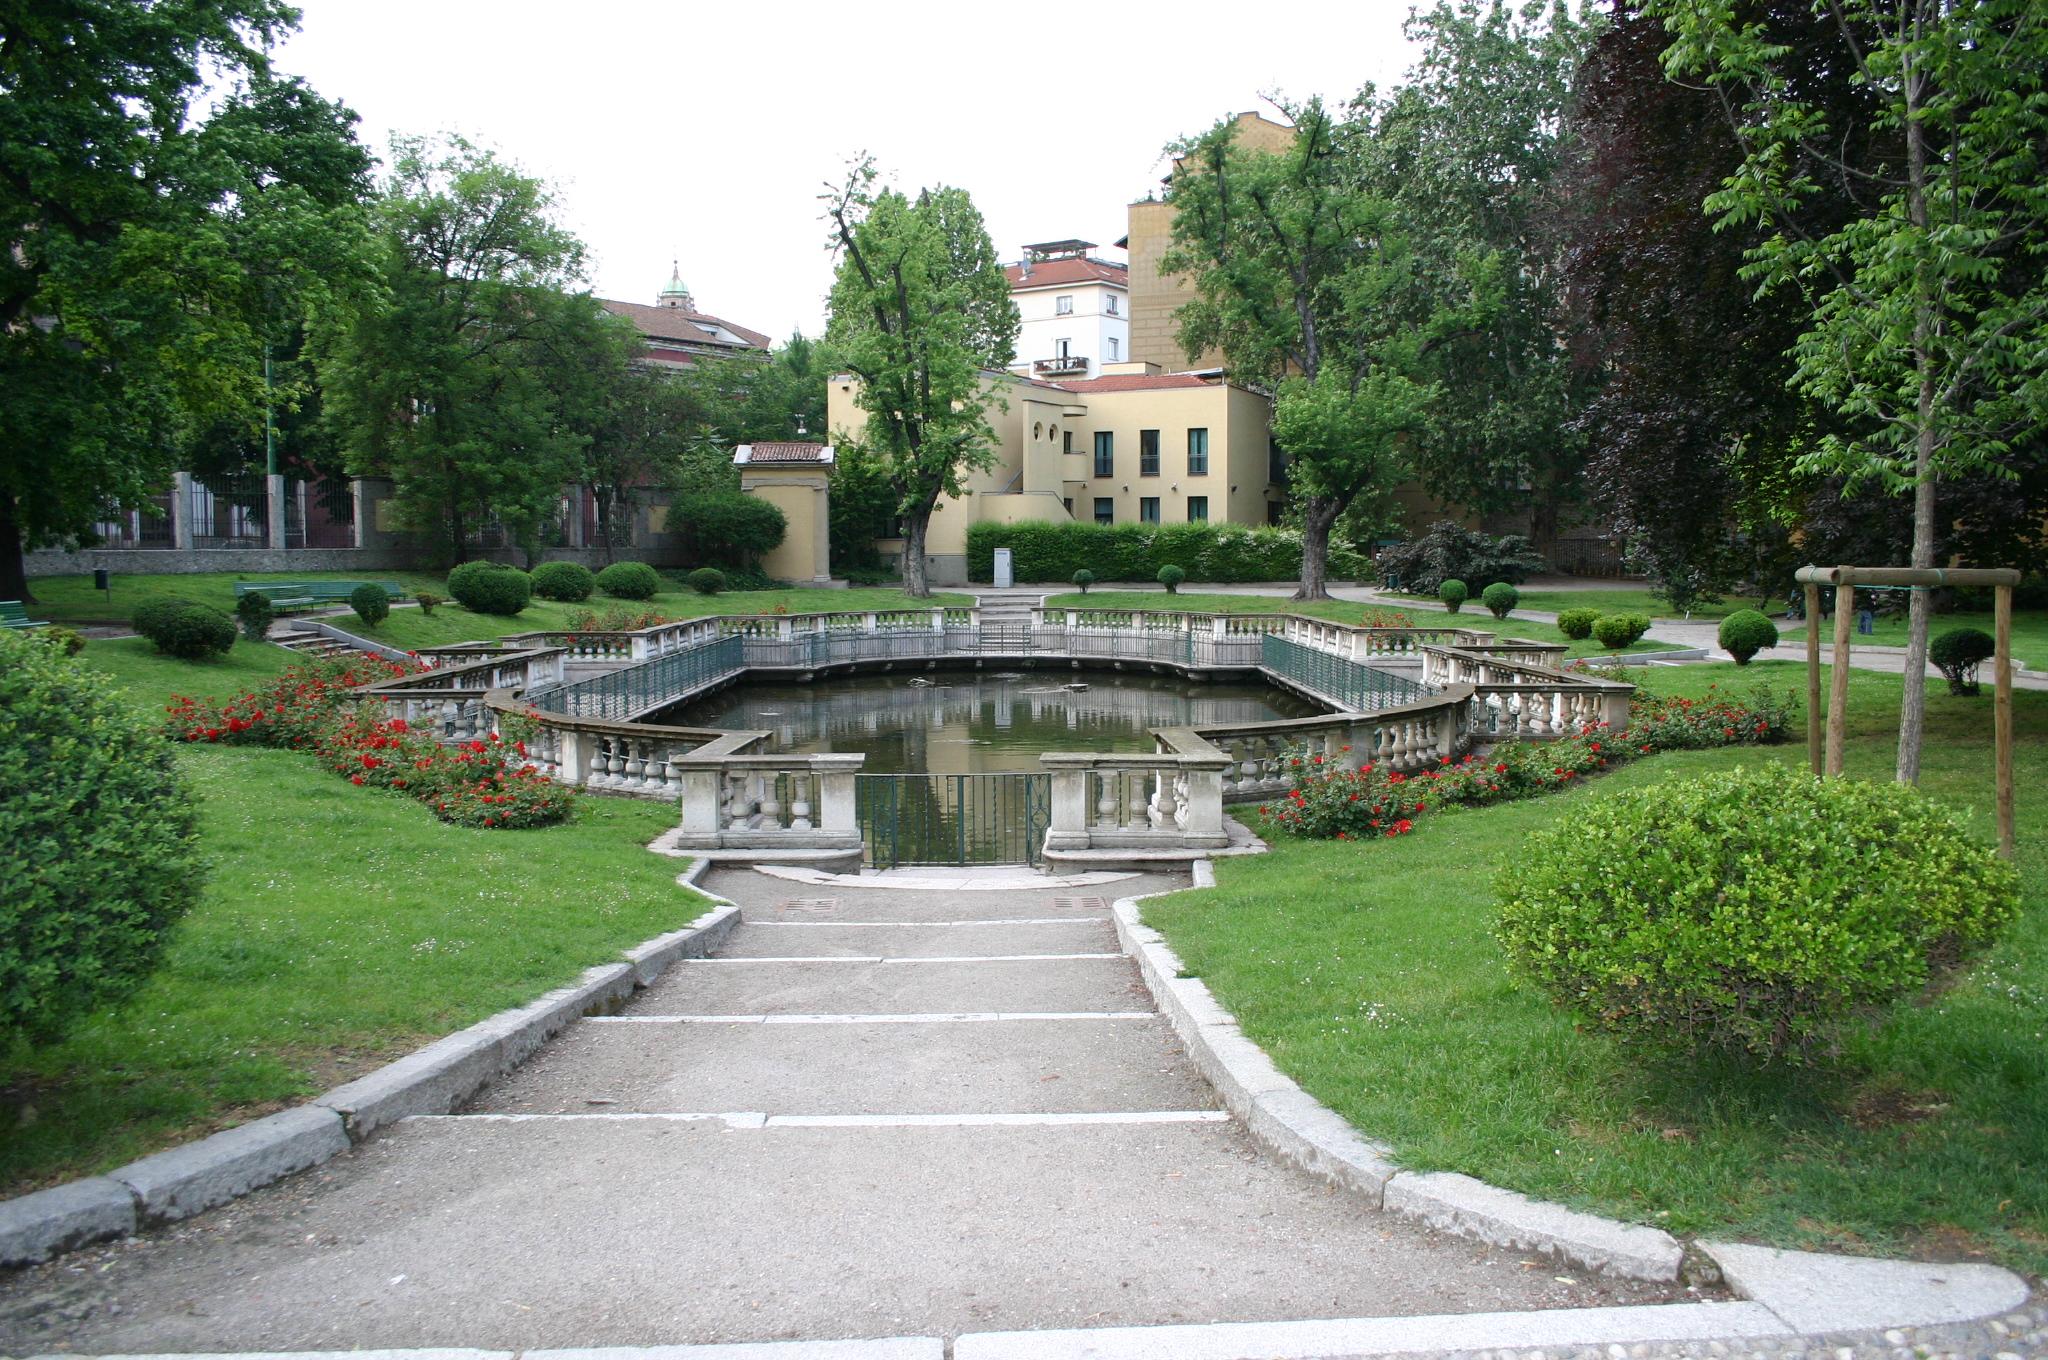 giardini via guastalla intitolati al cardinale martini